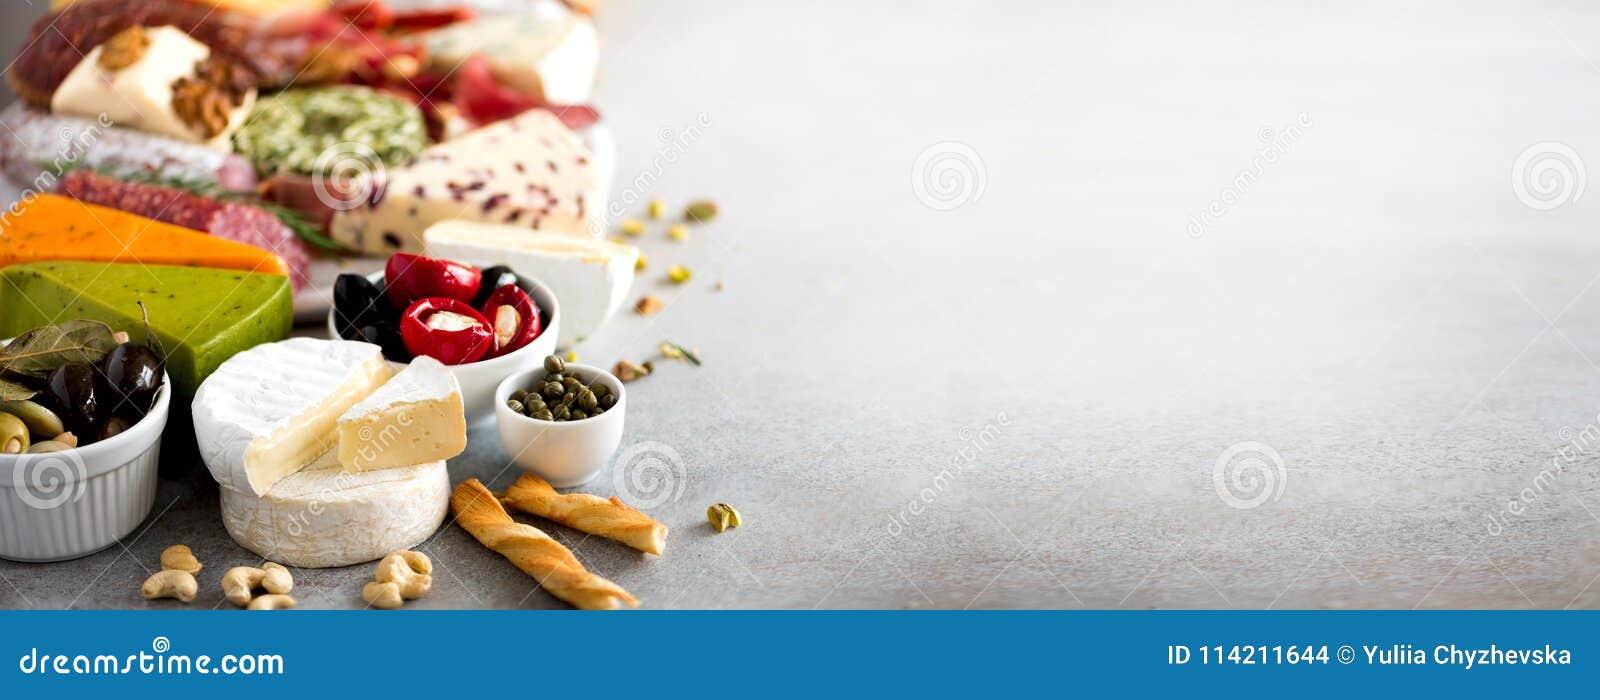 Tradycyjny włoski antipasto, tnąca deska z salami, zimno dymiący mięso, prosciutto, baleron, sery, oliwki, kapary dalej